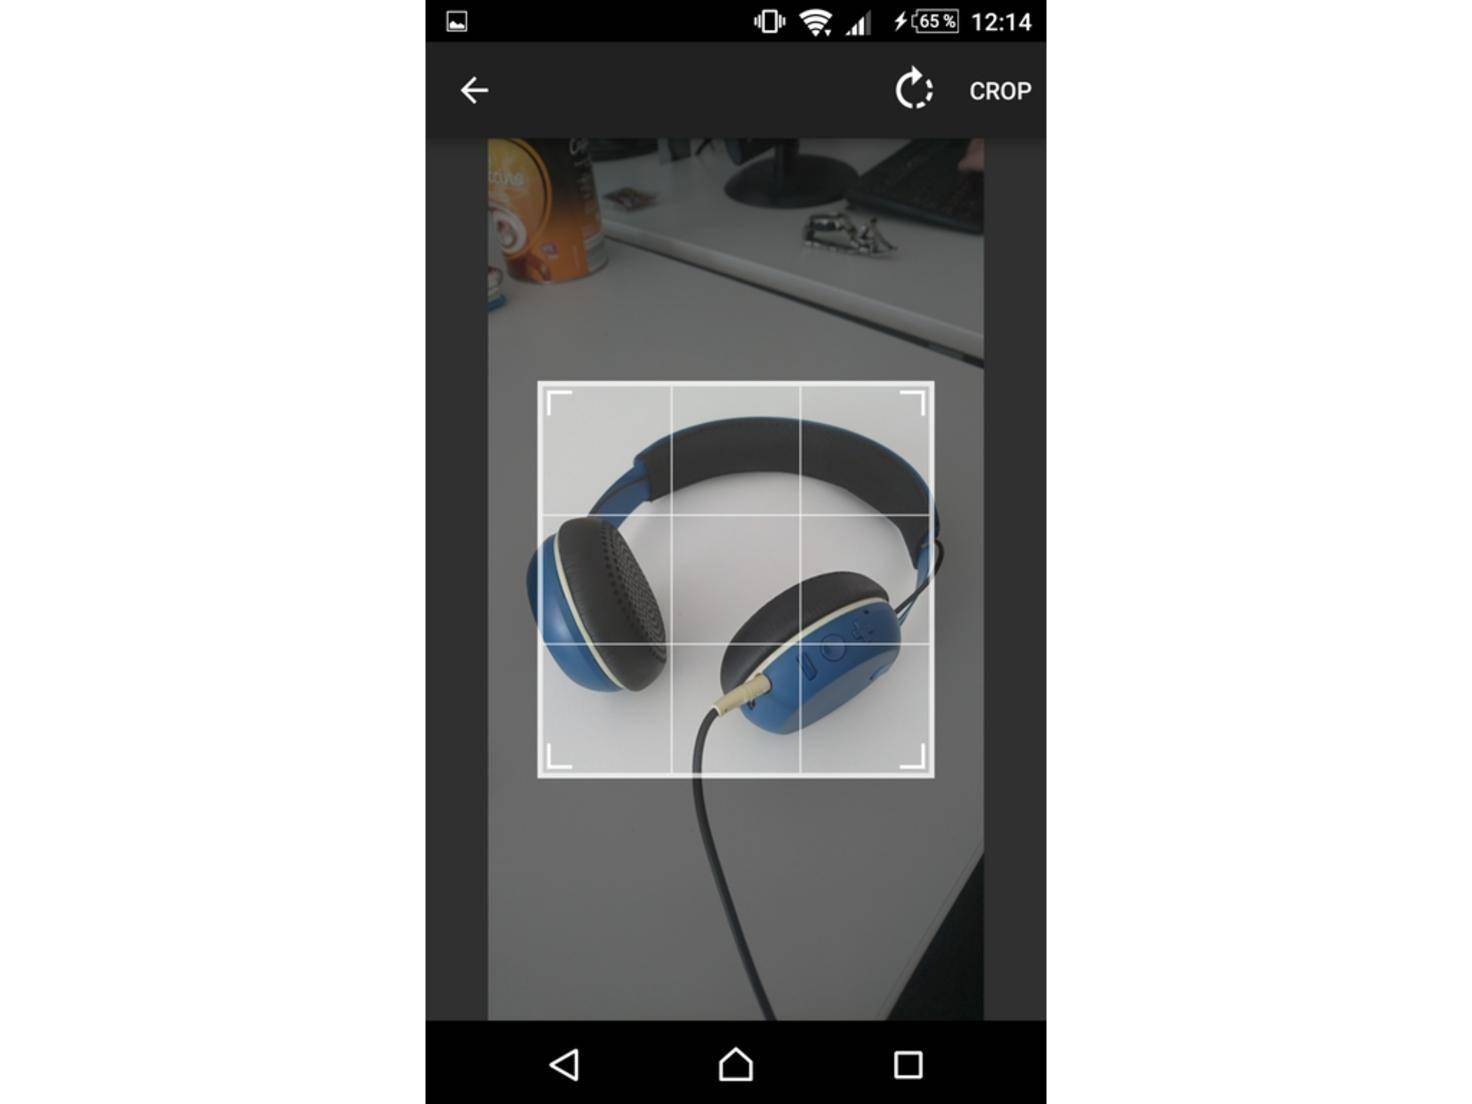 Über das Kamera-Symbol fotografieren wir unsere Kopfhörer.